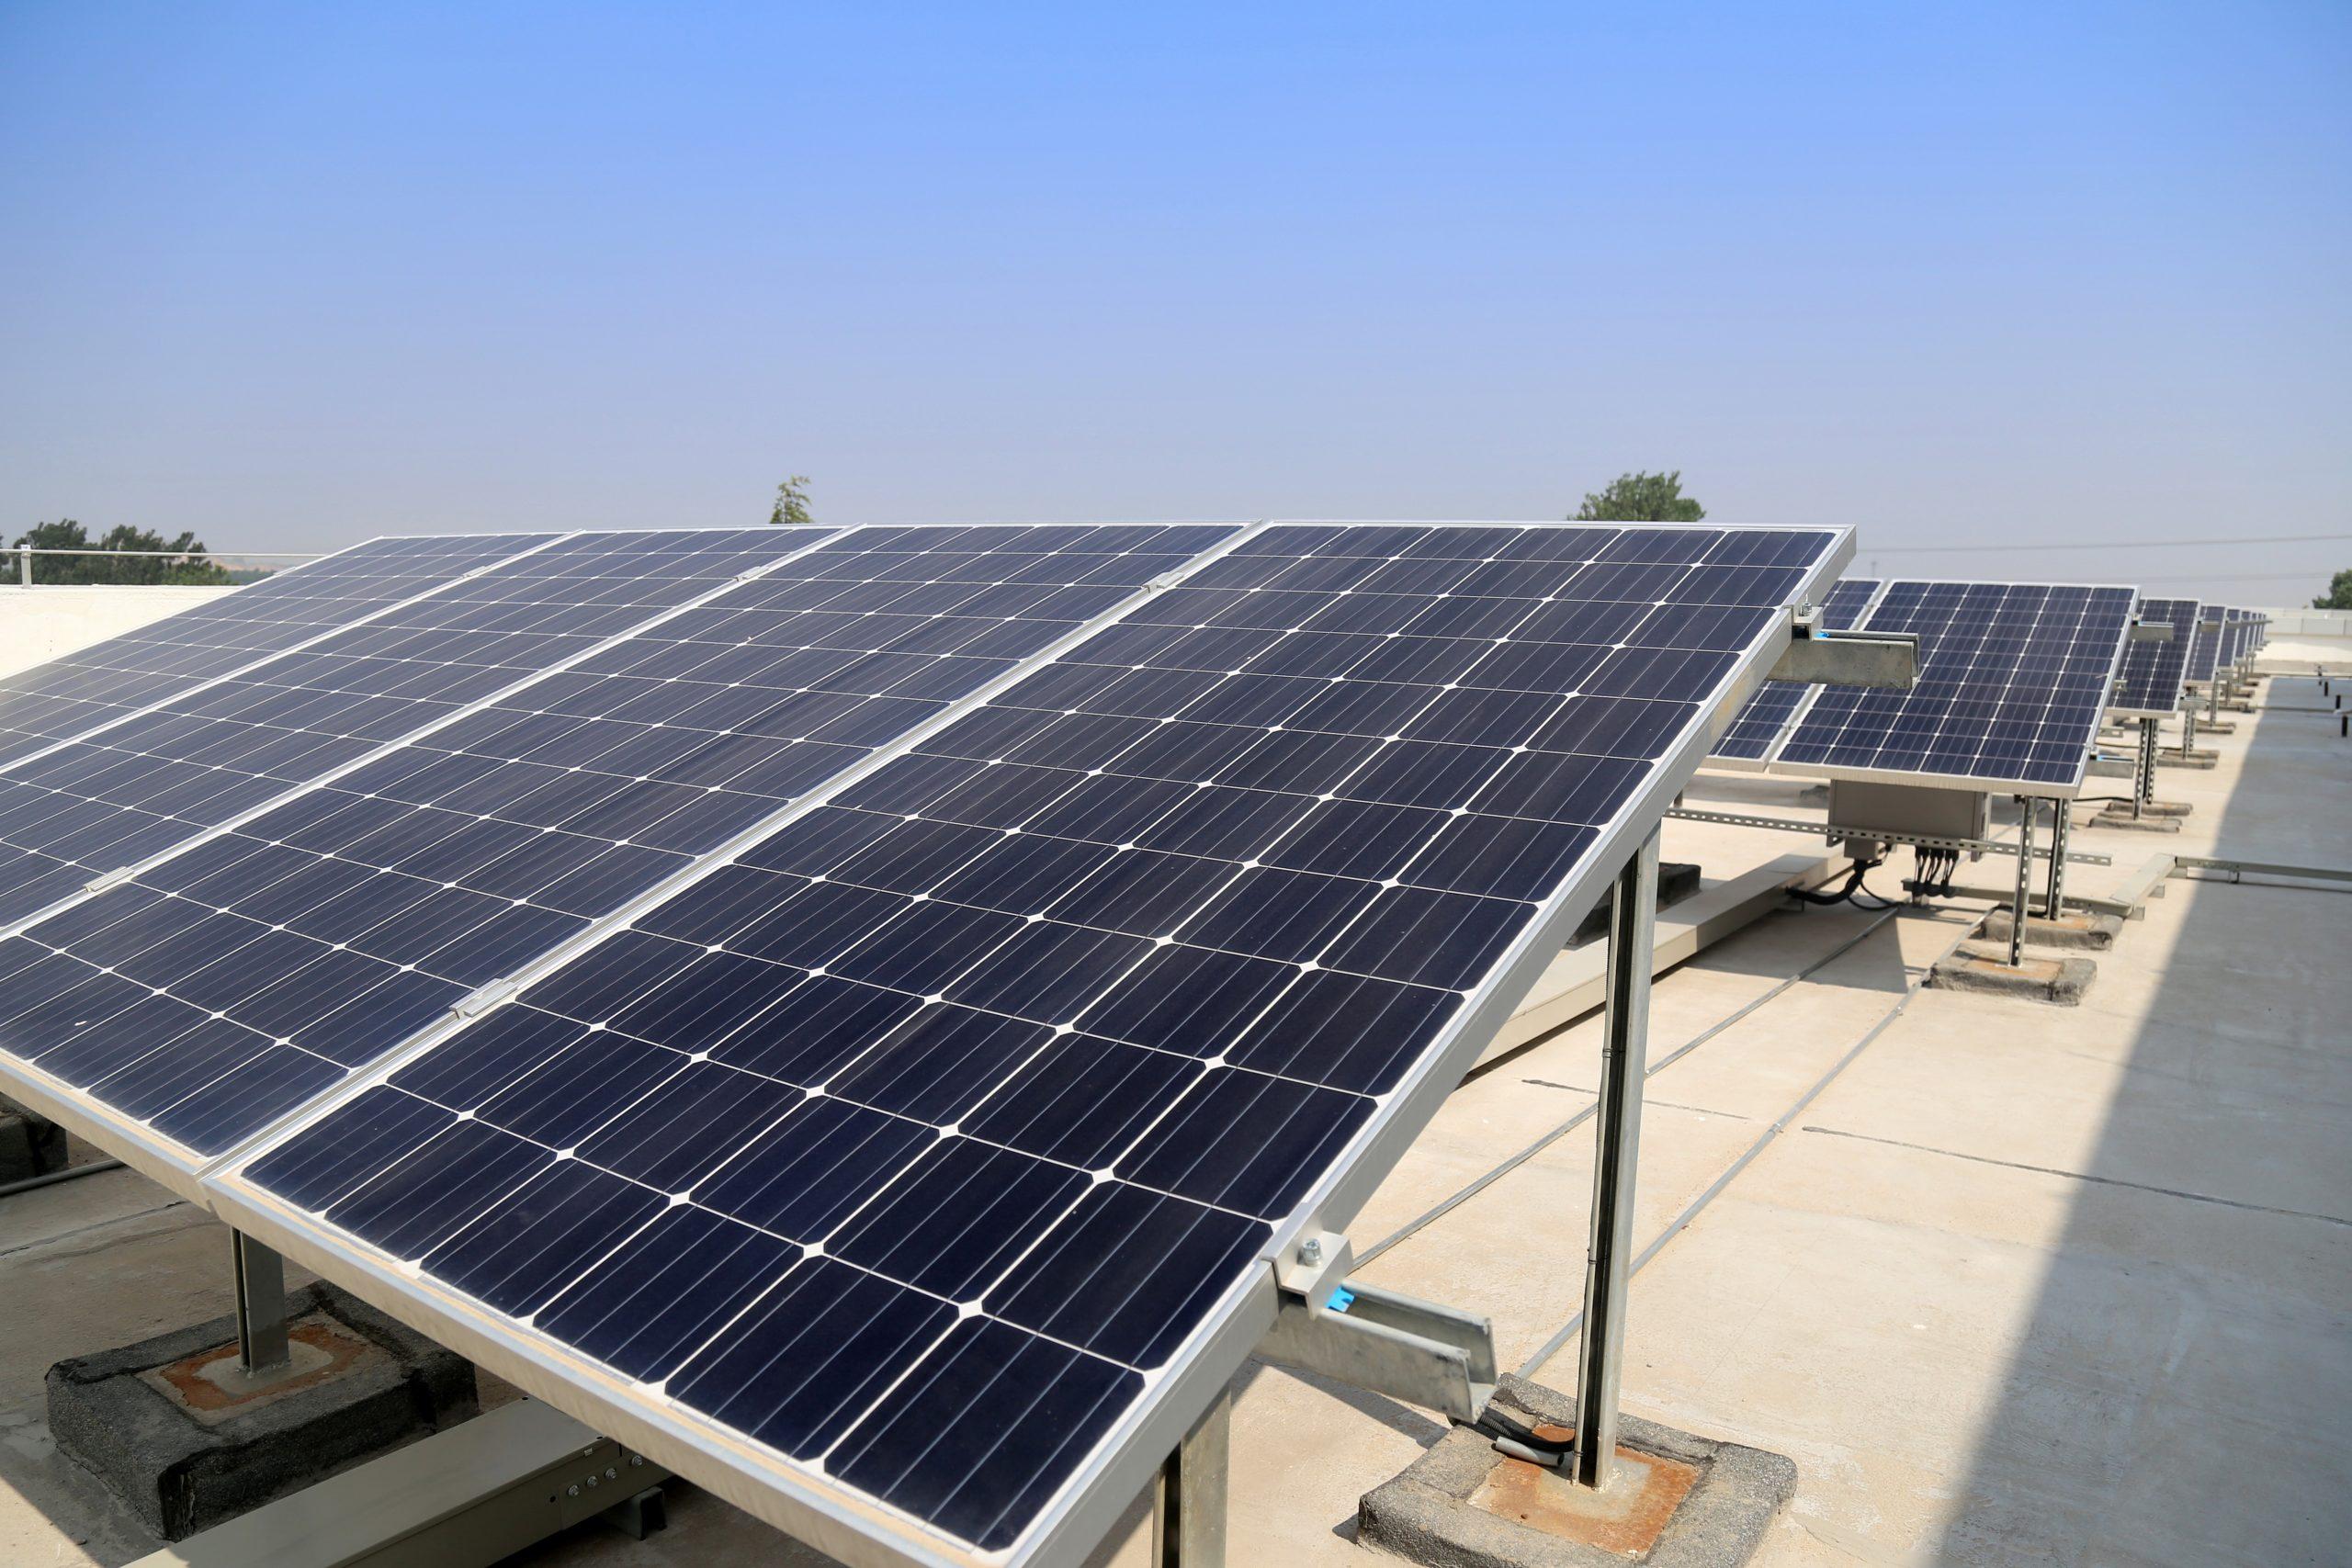 ¿Es rentable el autoconsumo solar fotovoltaico para industrias? - Villa Flores Martín